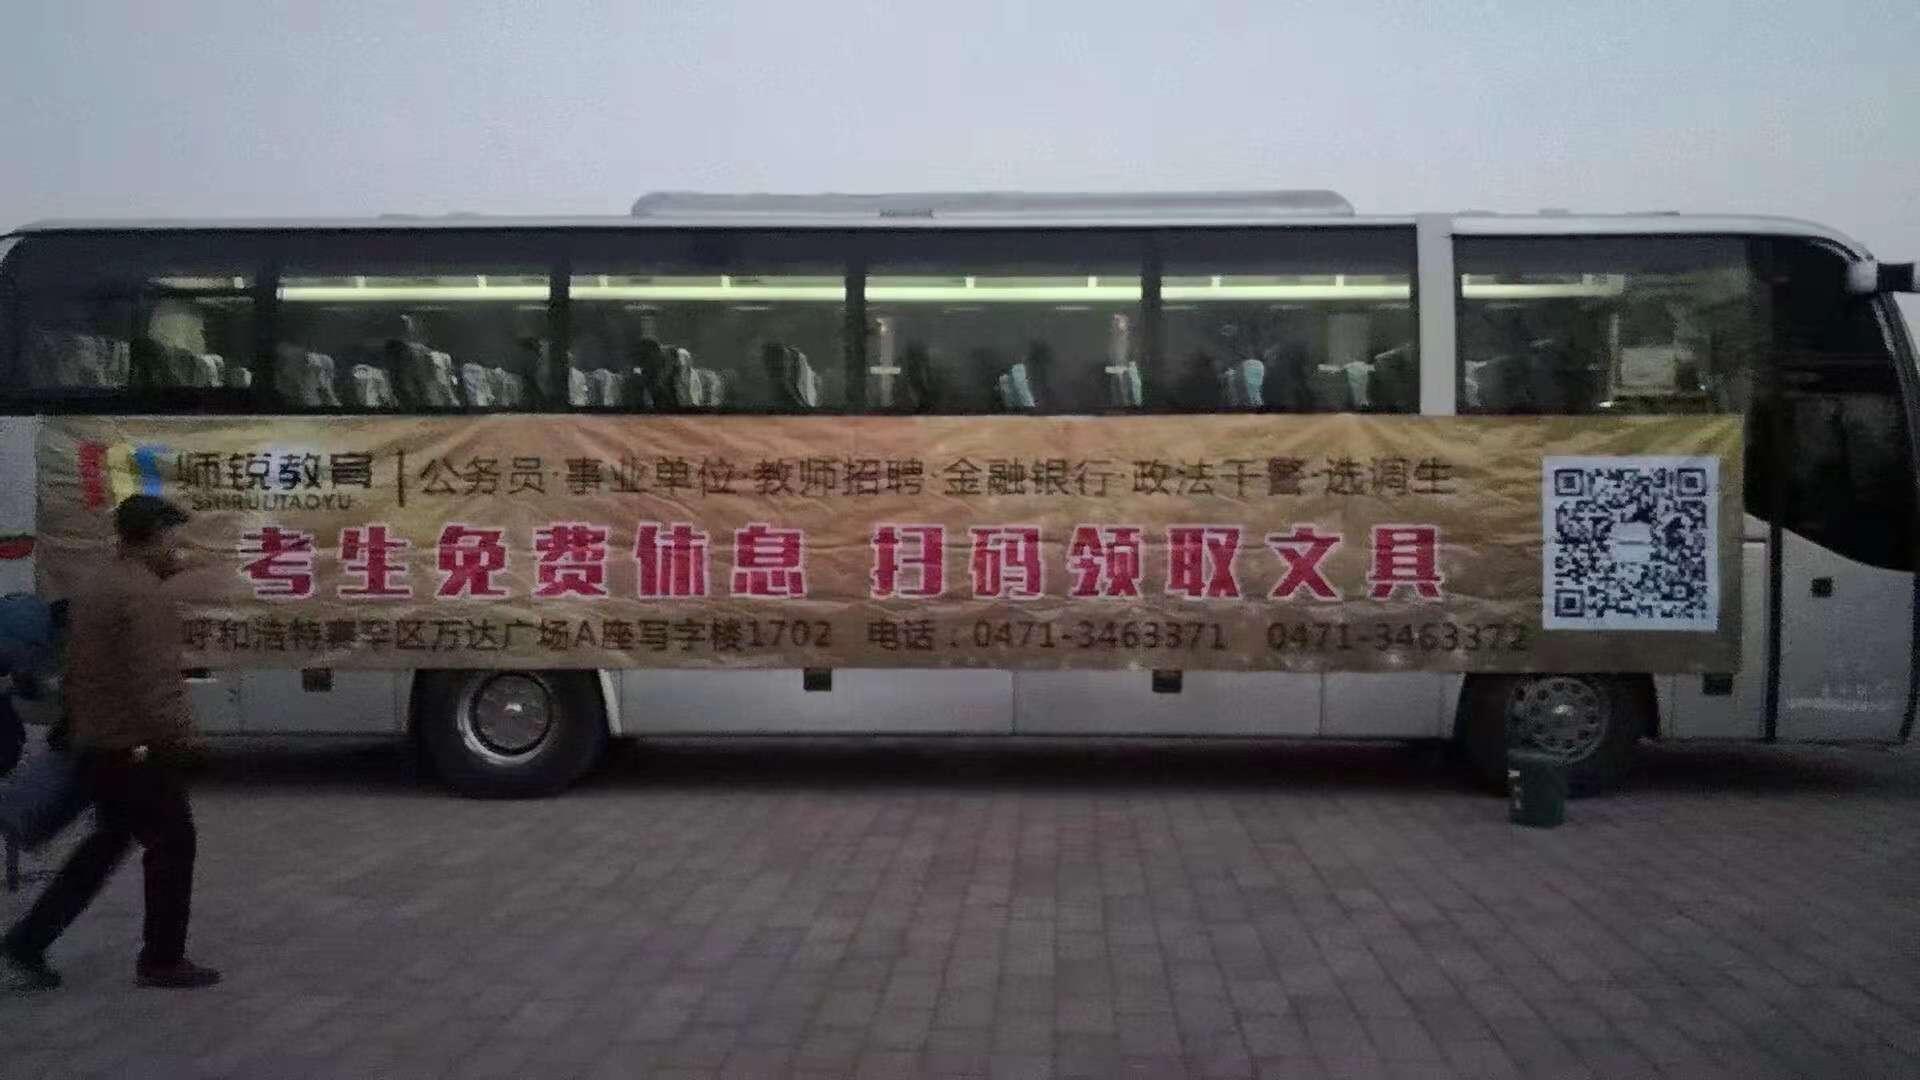 可靠的中国铁路招聘 内蒙古值得信赖的招聘